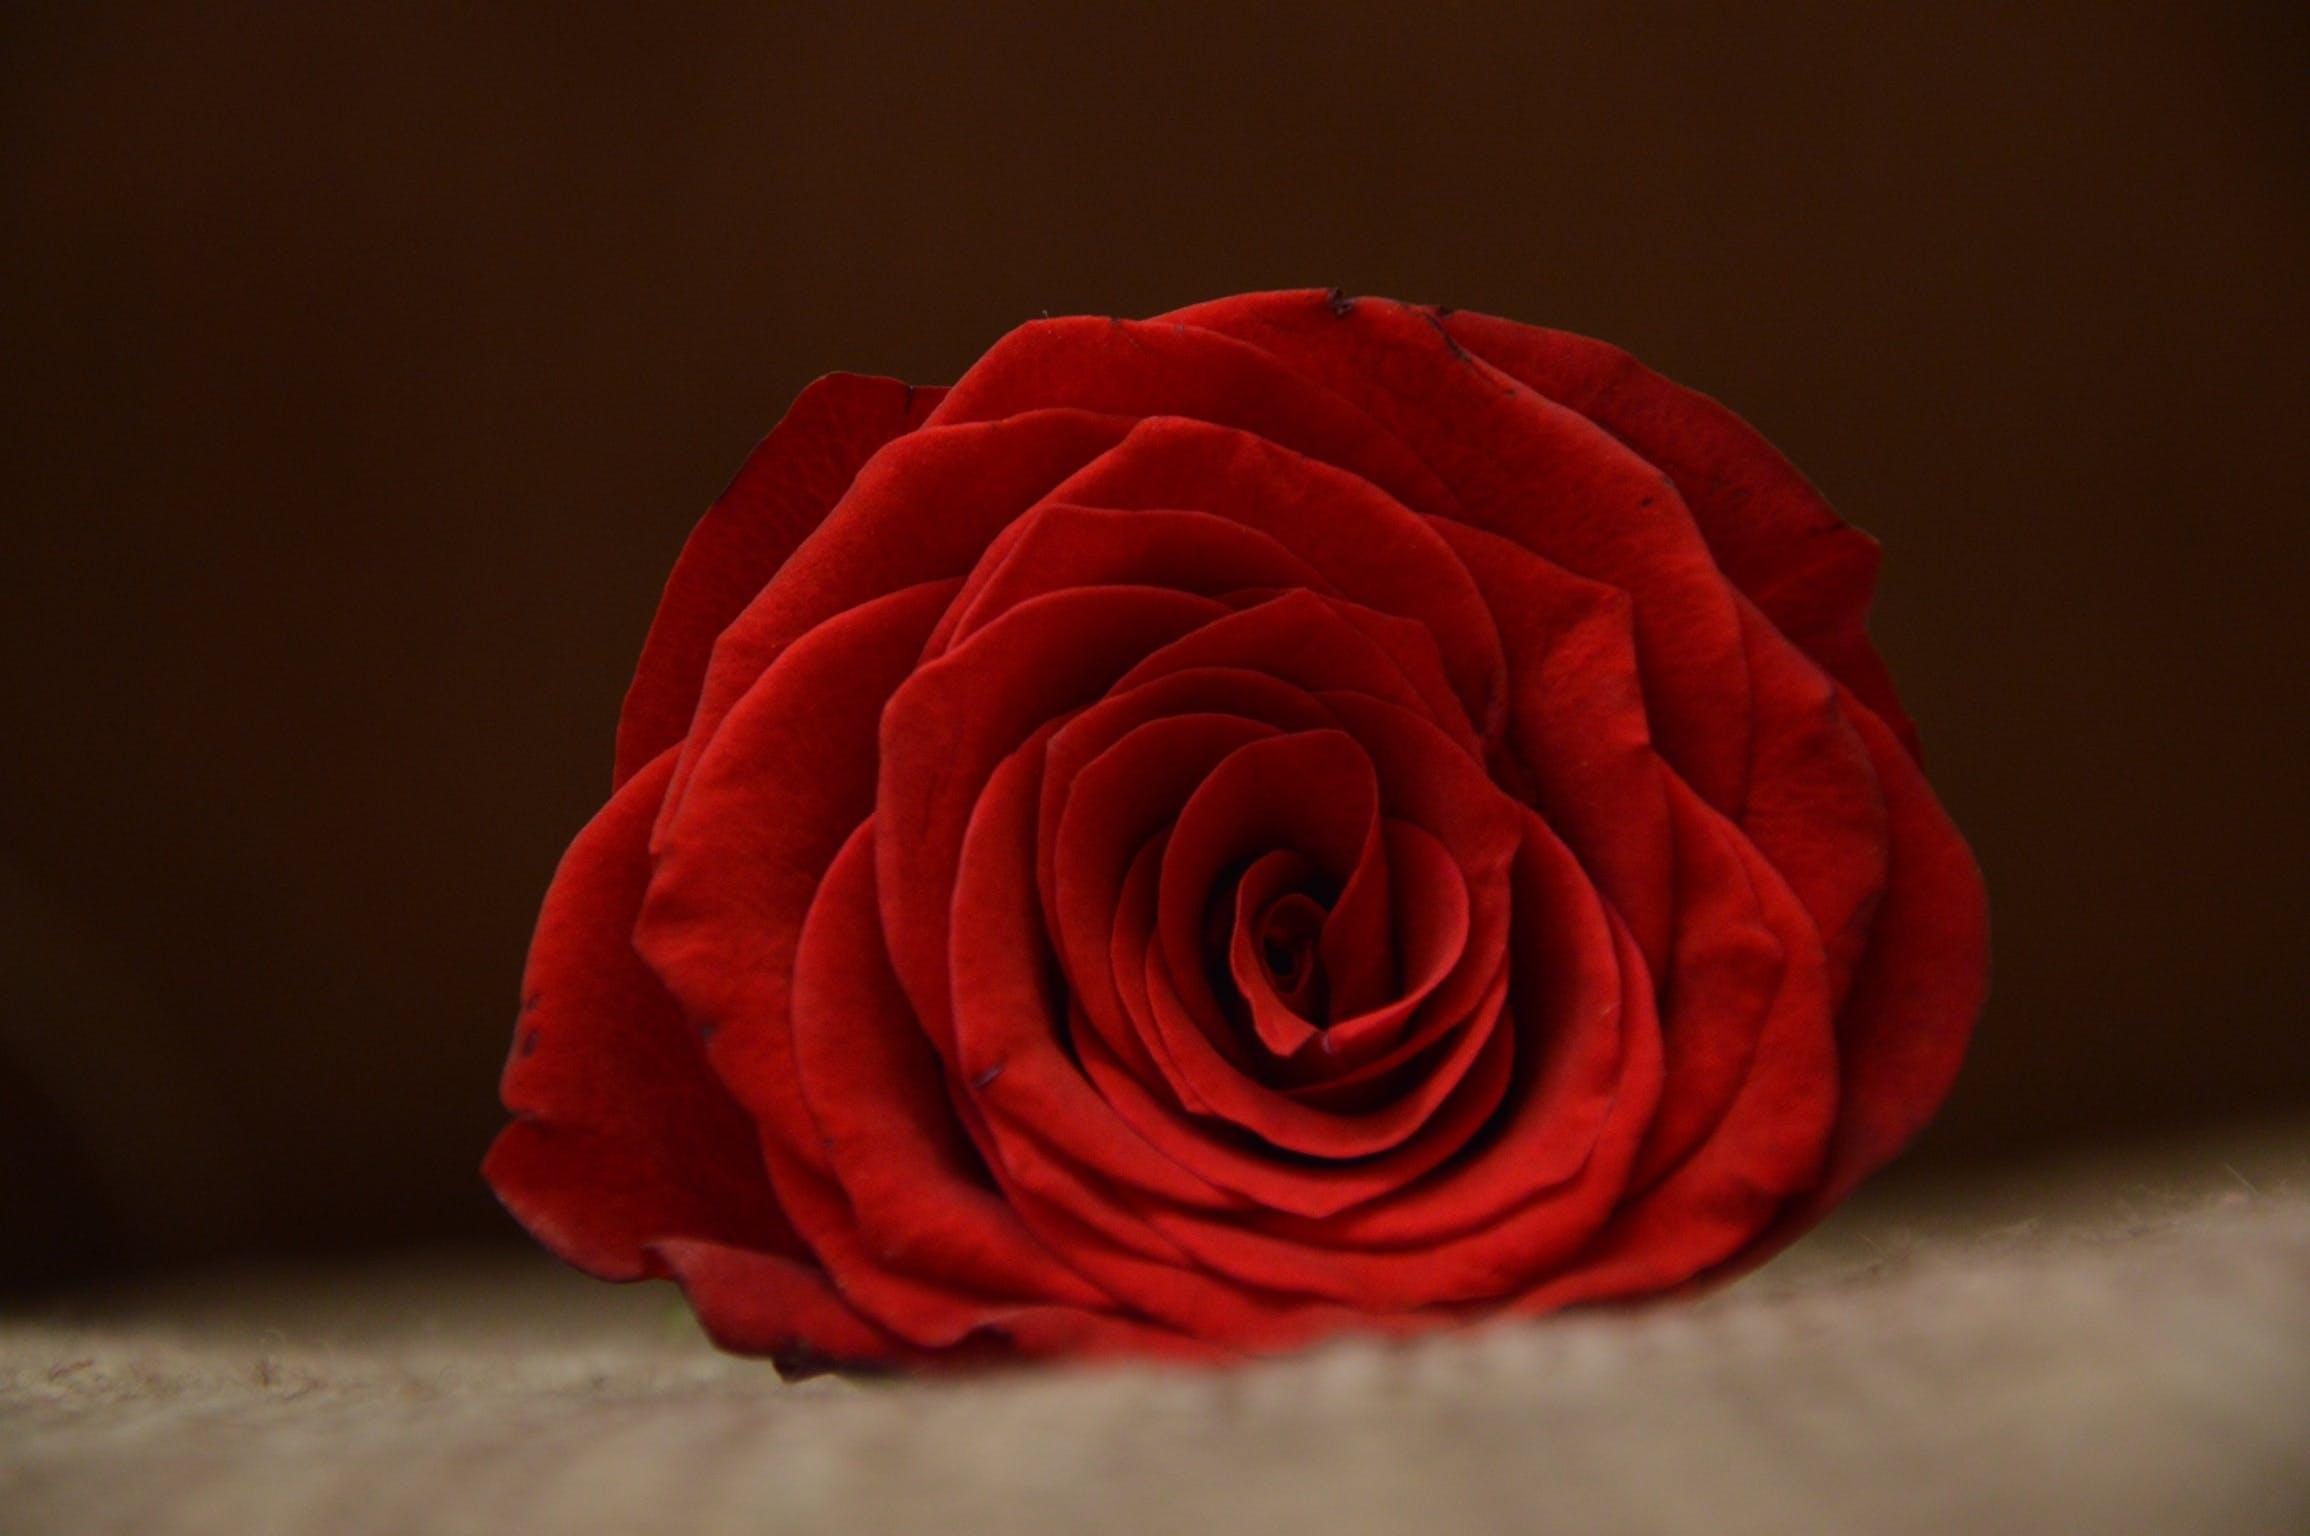 Kostenloses Stock Foto zu blume, blütenblätter, duft, knospe